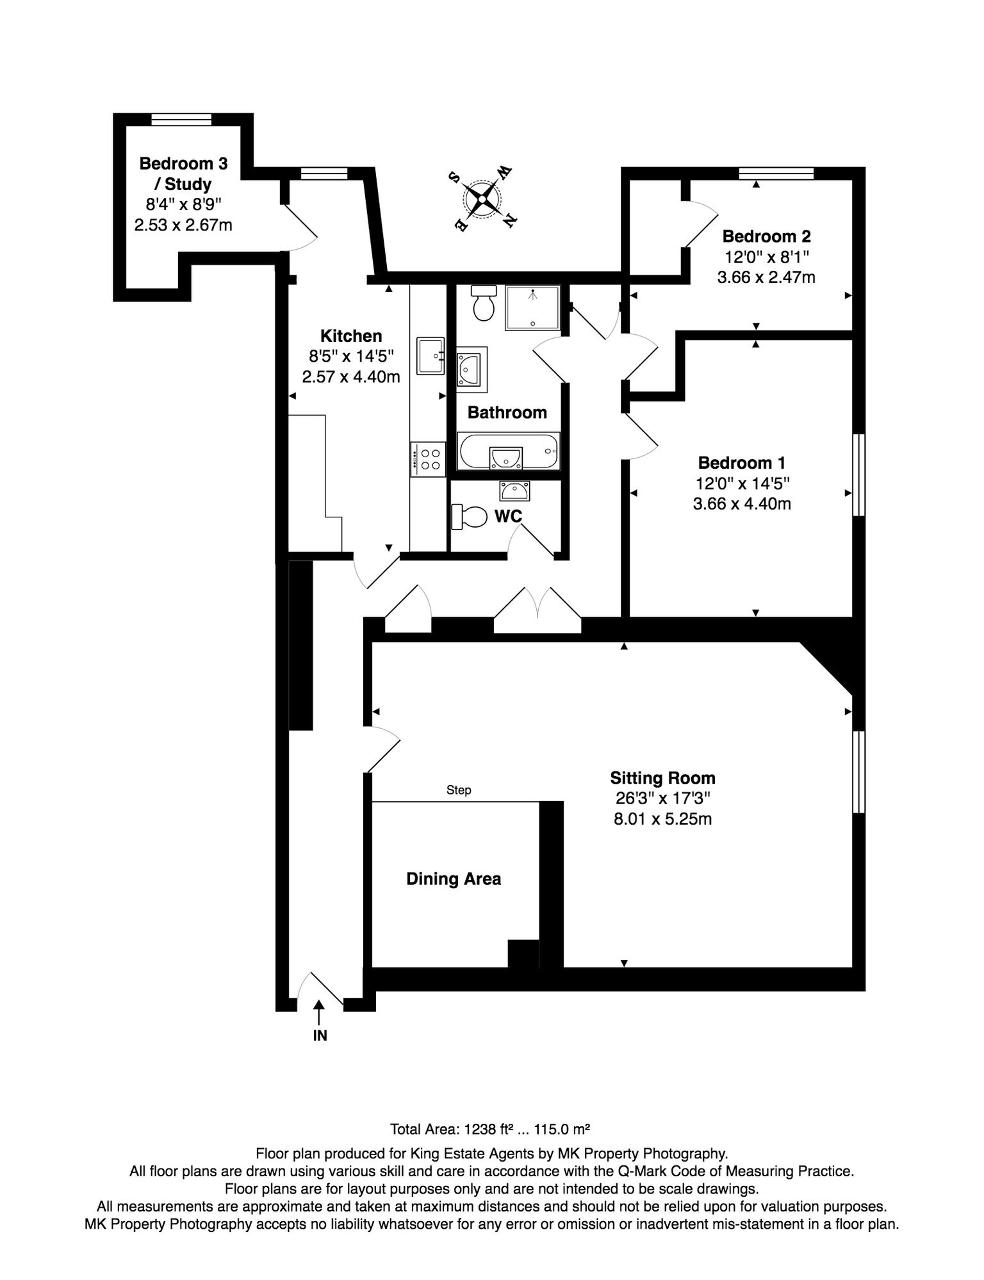 Floorplan for Gayhurst Court, Gayhurst, Newport Pagnell, MK16 8LG